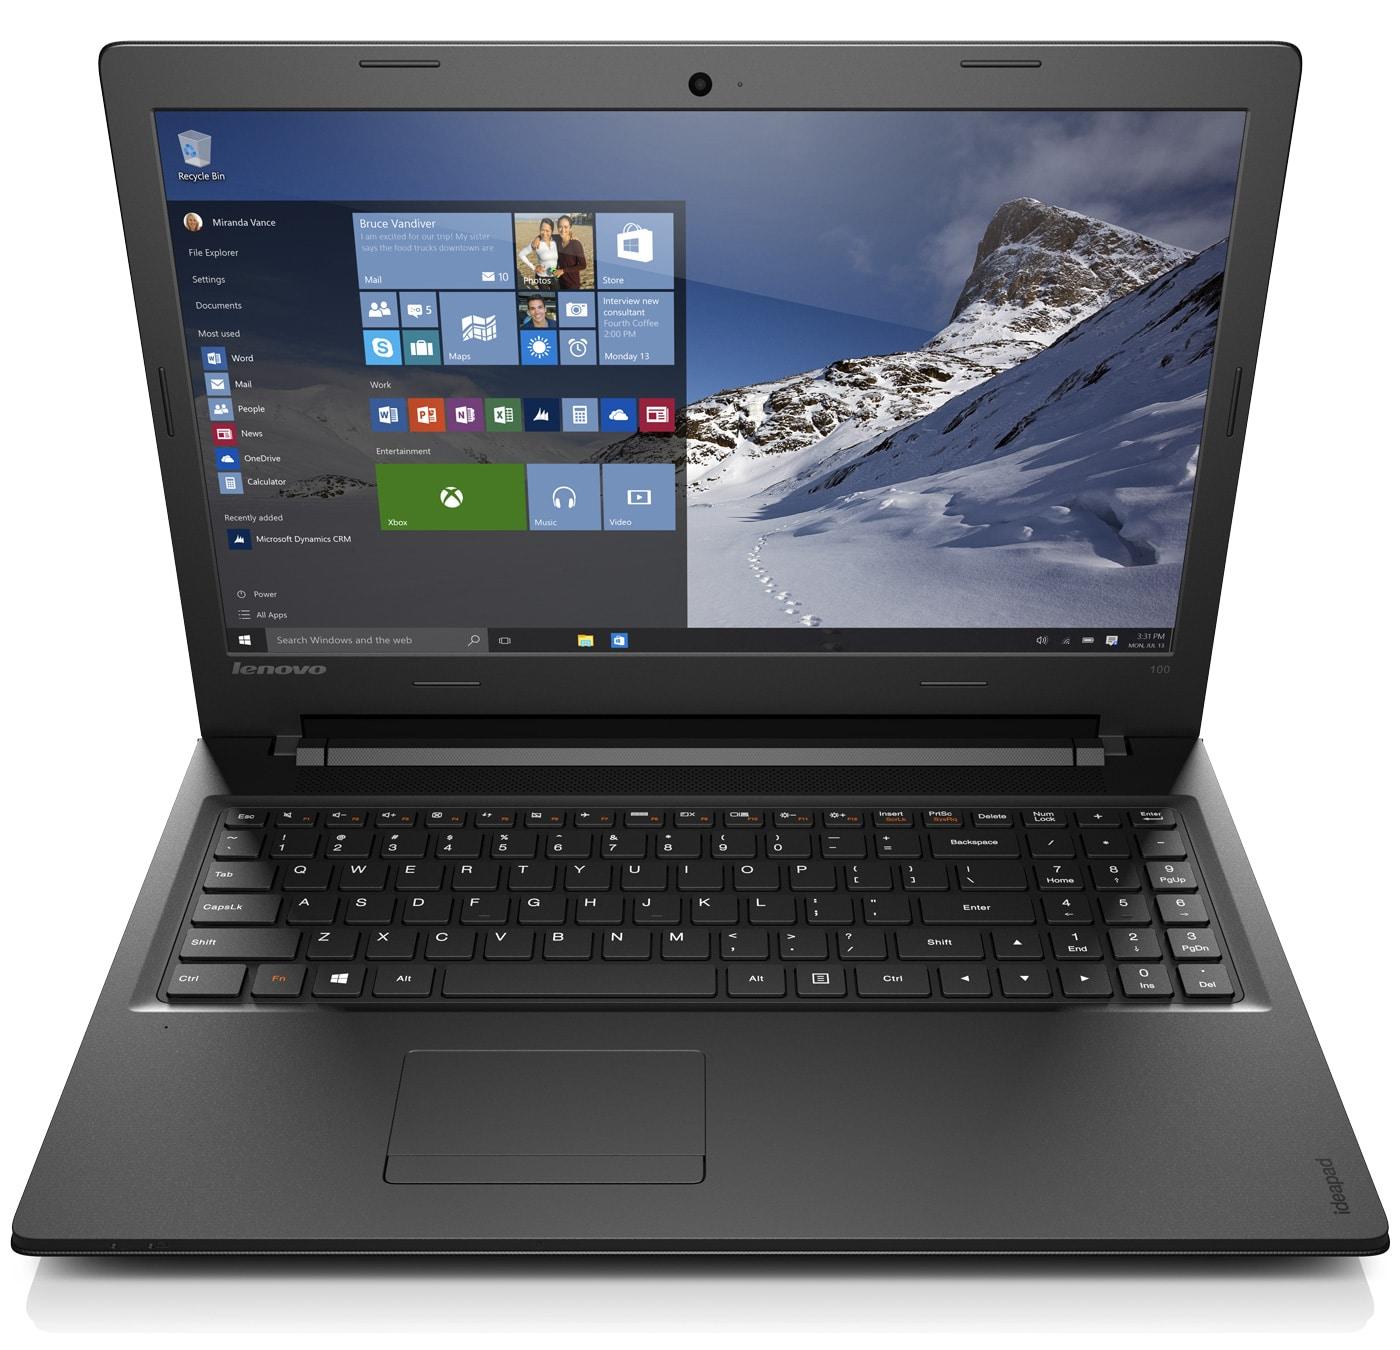 Lenovo Ideapad 110-15ISK promo 459 euros, PC portable 15 pouces i3 Radeon